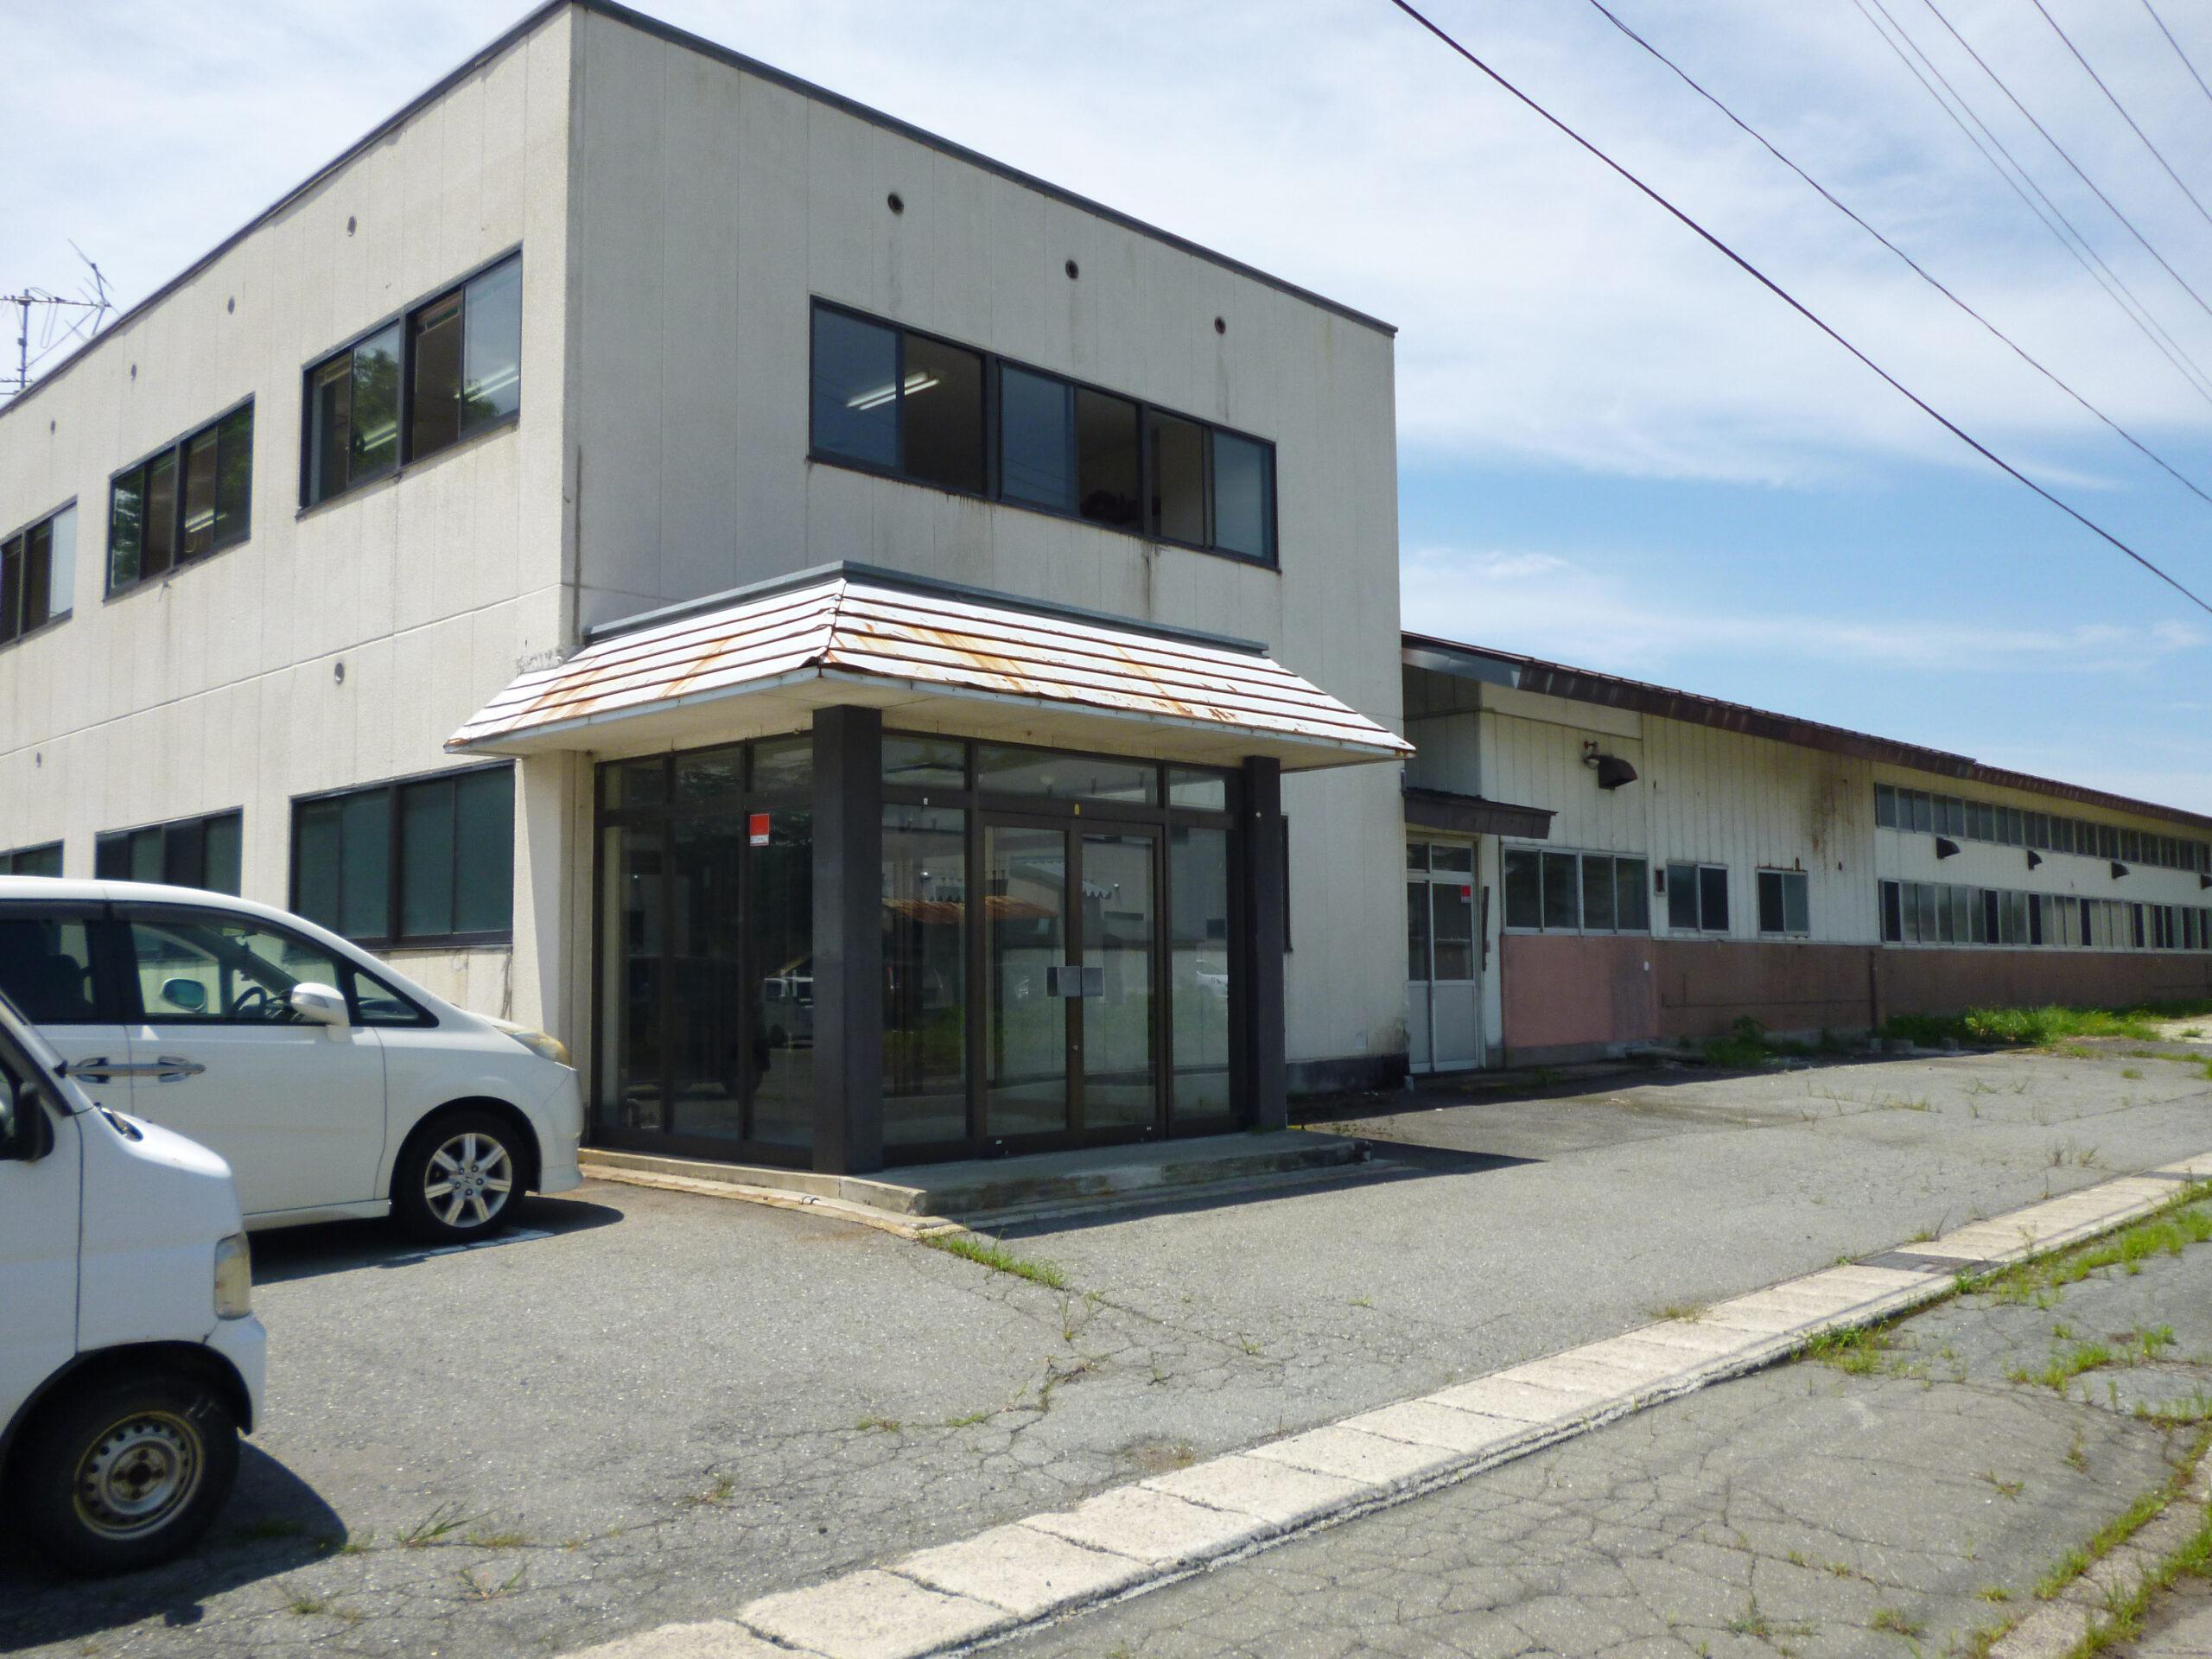 鋳型整形・プラスチック製造の株式会社オザキ第1工場